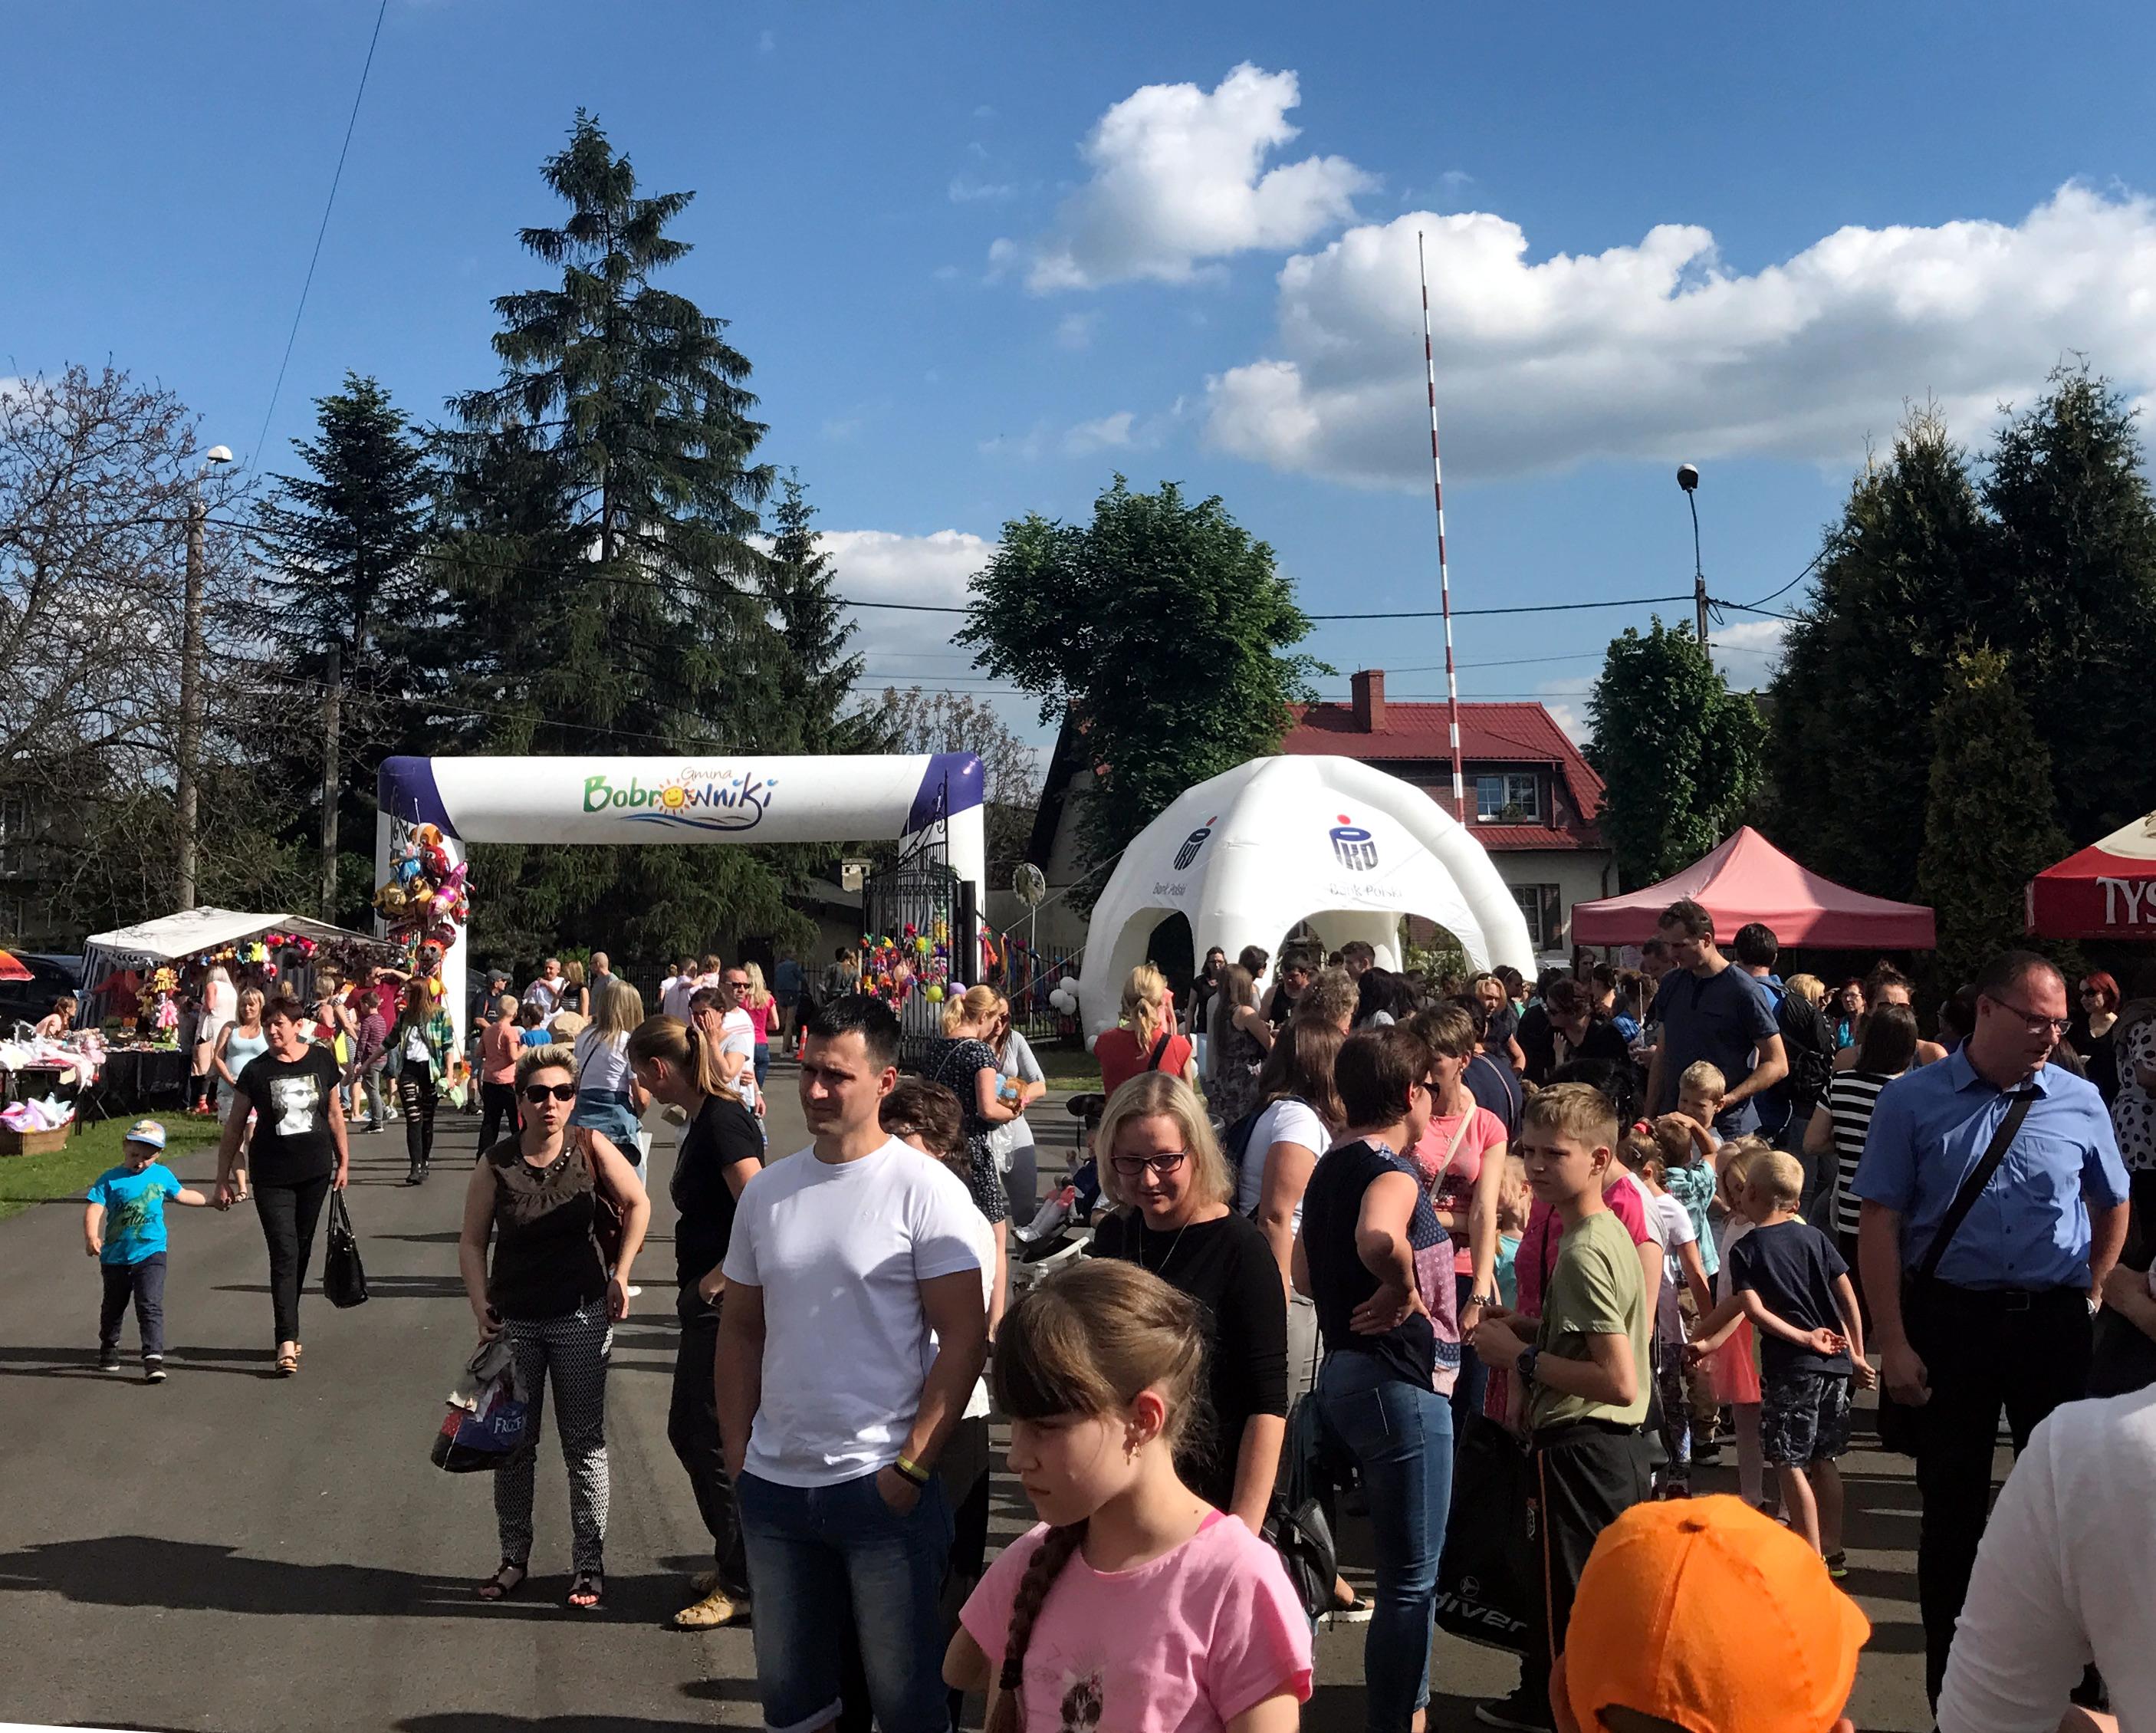 Najbliższe wydarzenia kulturalne w gminie Bobrowniki